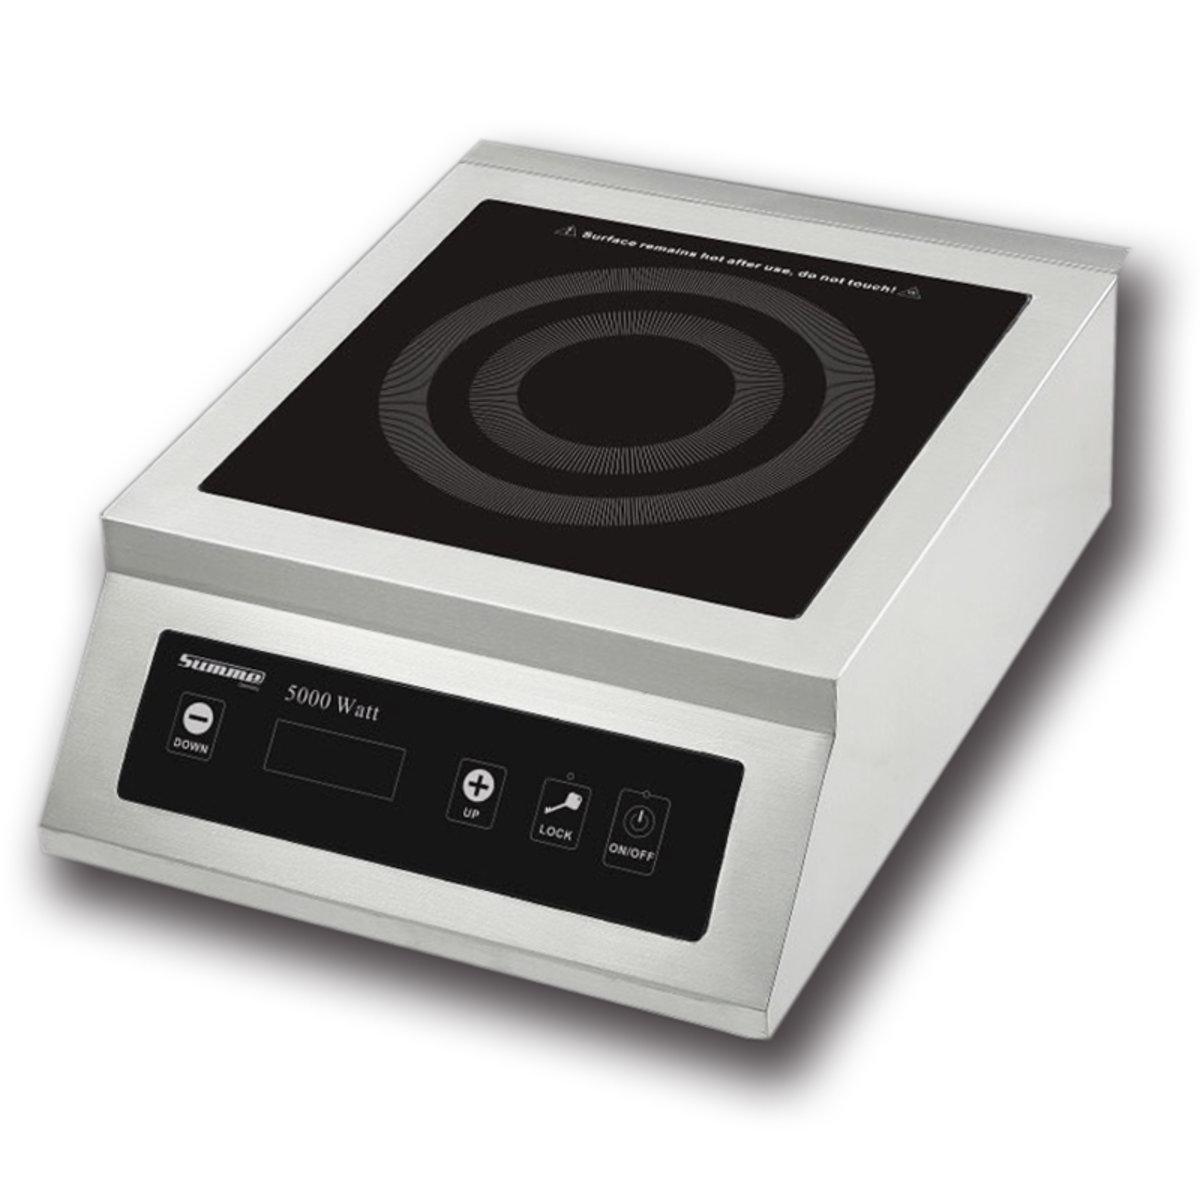 商用電磁爐 高火力 5000W IC-S5010